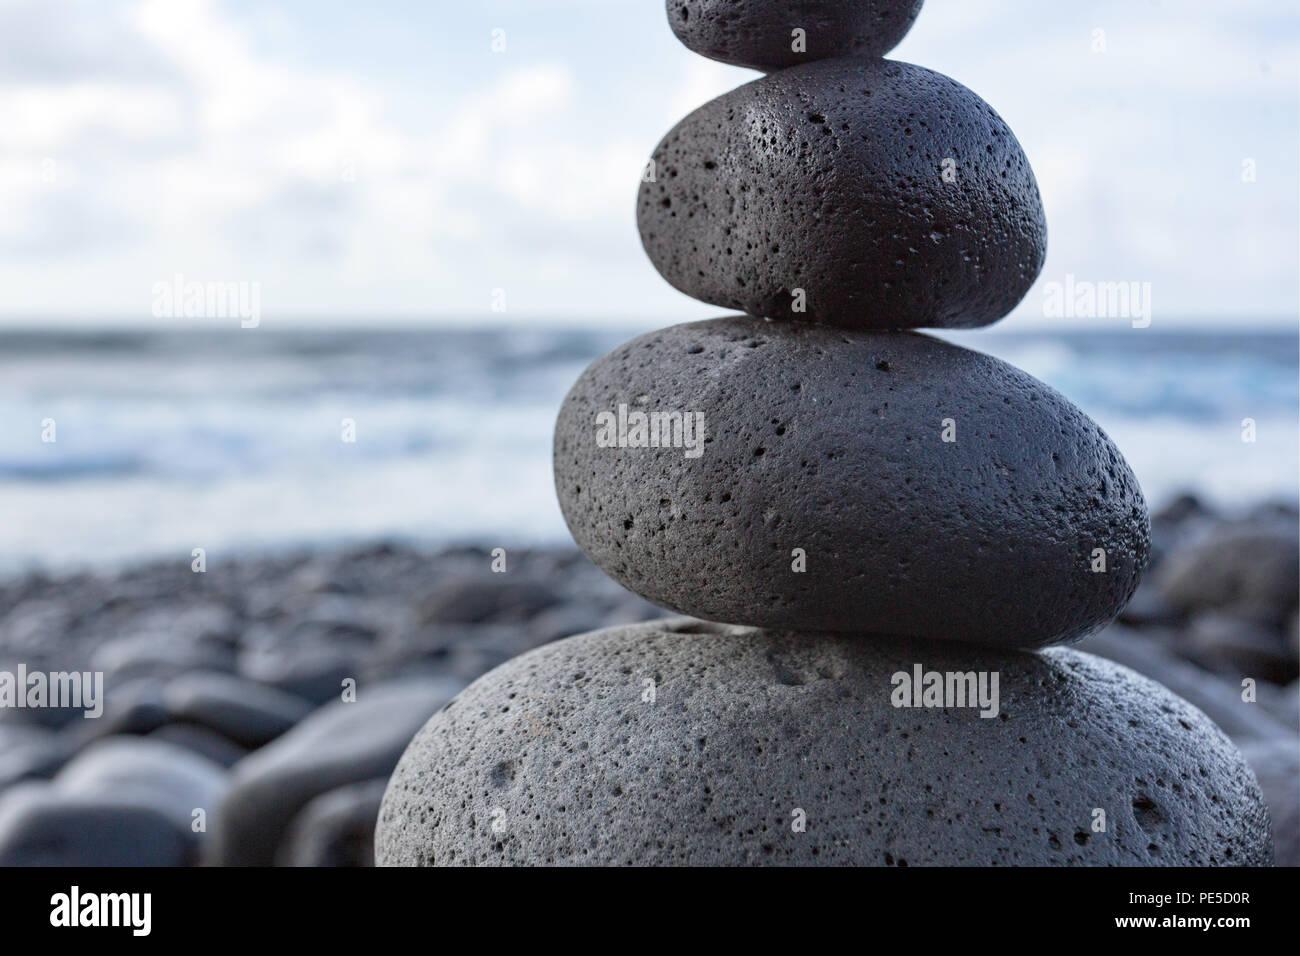 Détail de pierres empilées équilibré ou des cailloux sur une plage de l'horizon à l'arrière-plan. Banque D'Images